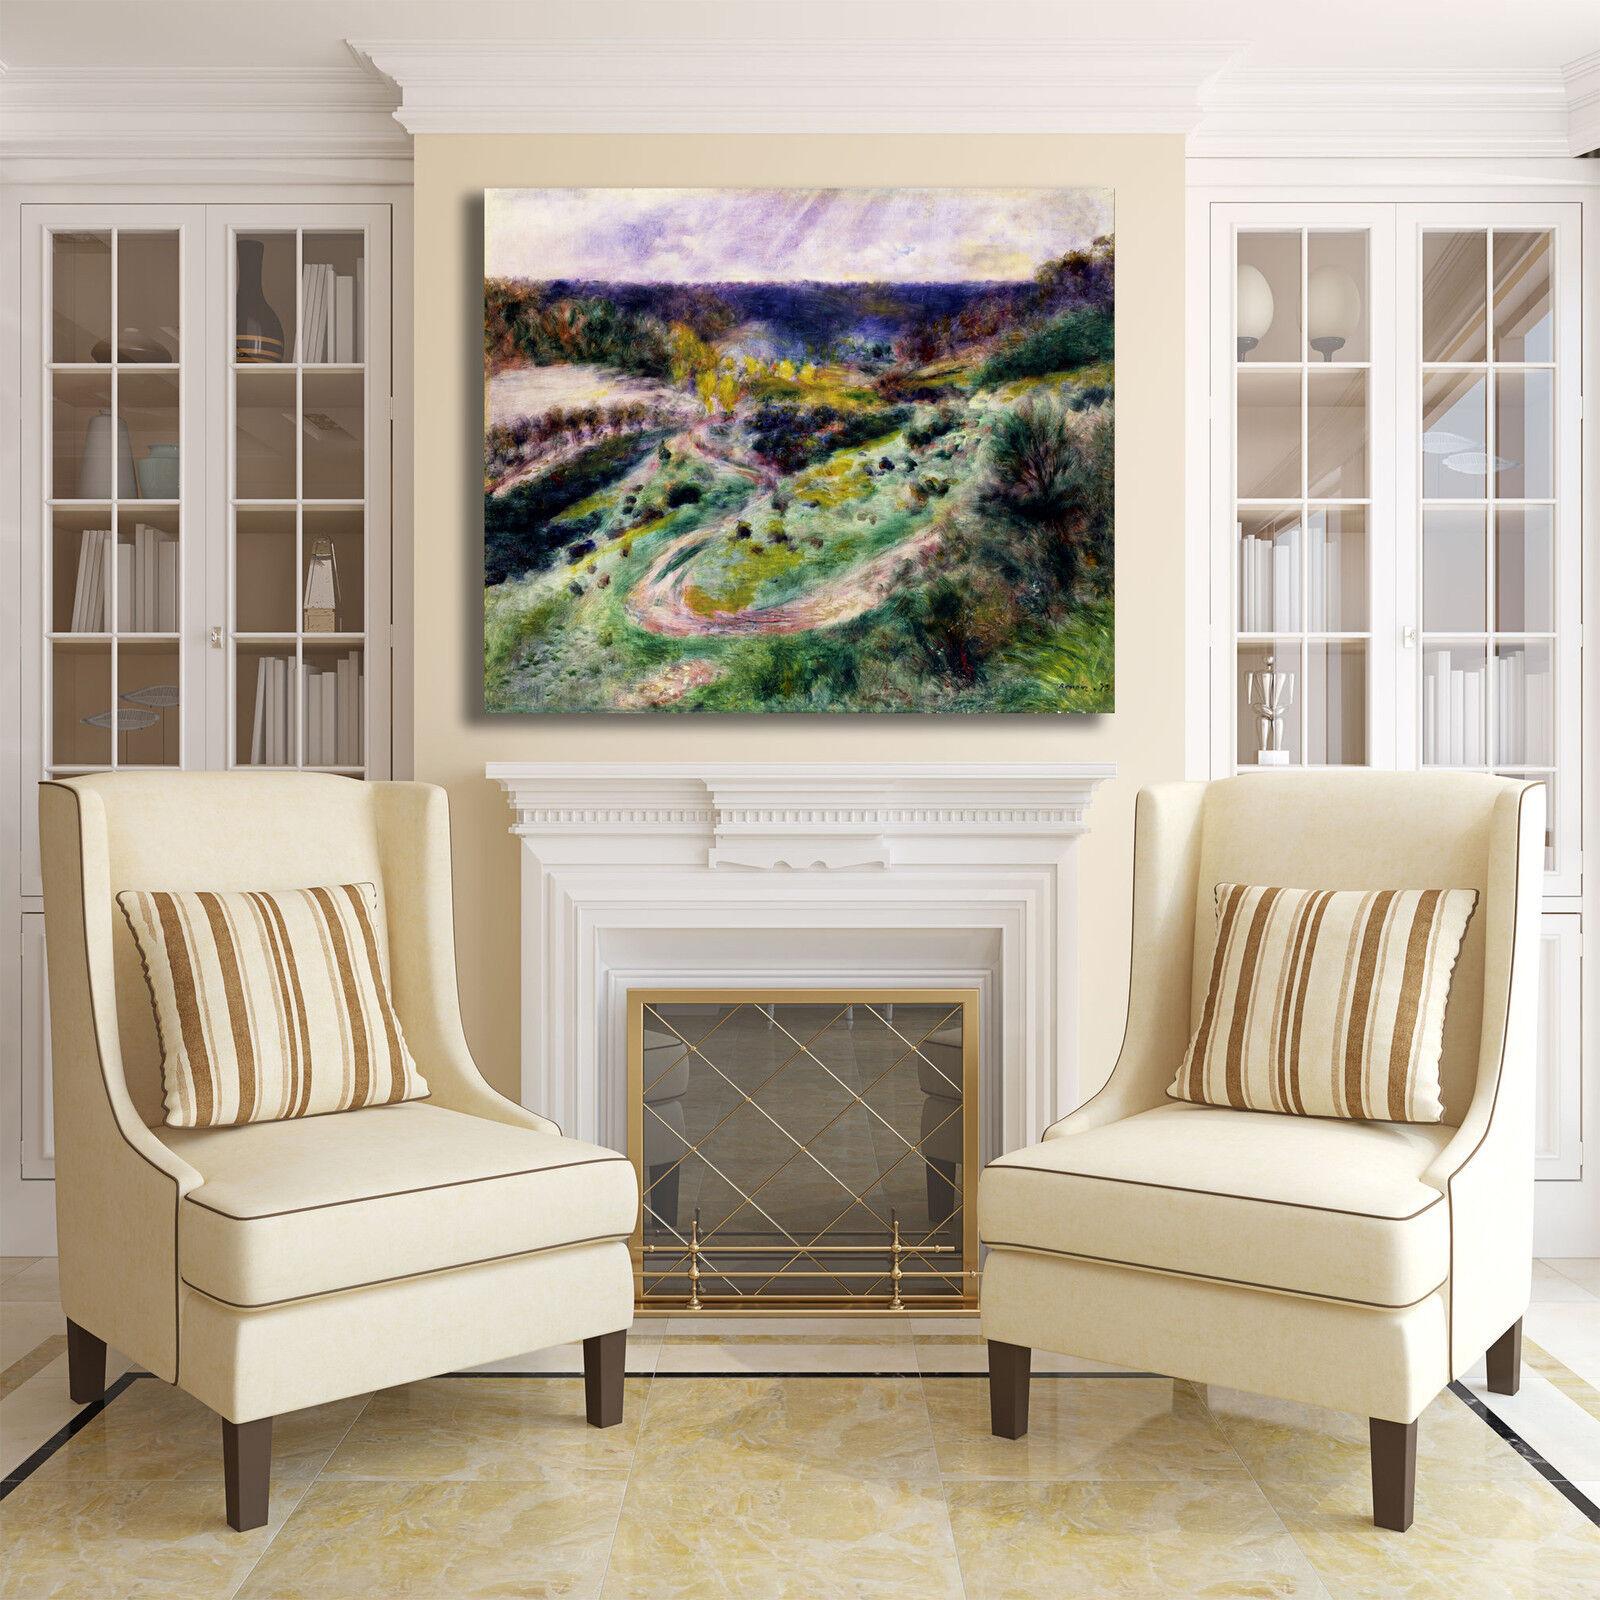 Renero strada a Wargemont design quadro stampa tela dipinto dipinto dipinto telaio arrossoo casa 96a75d